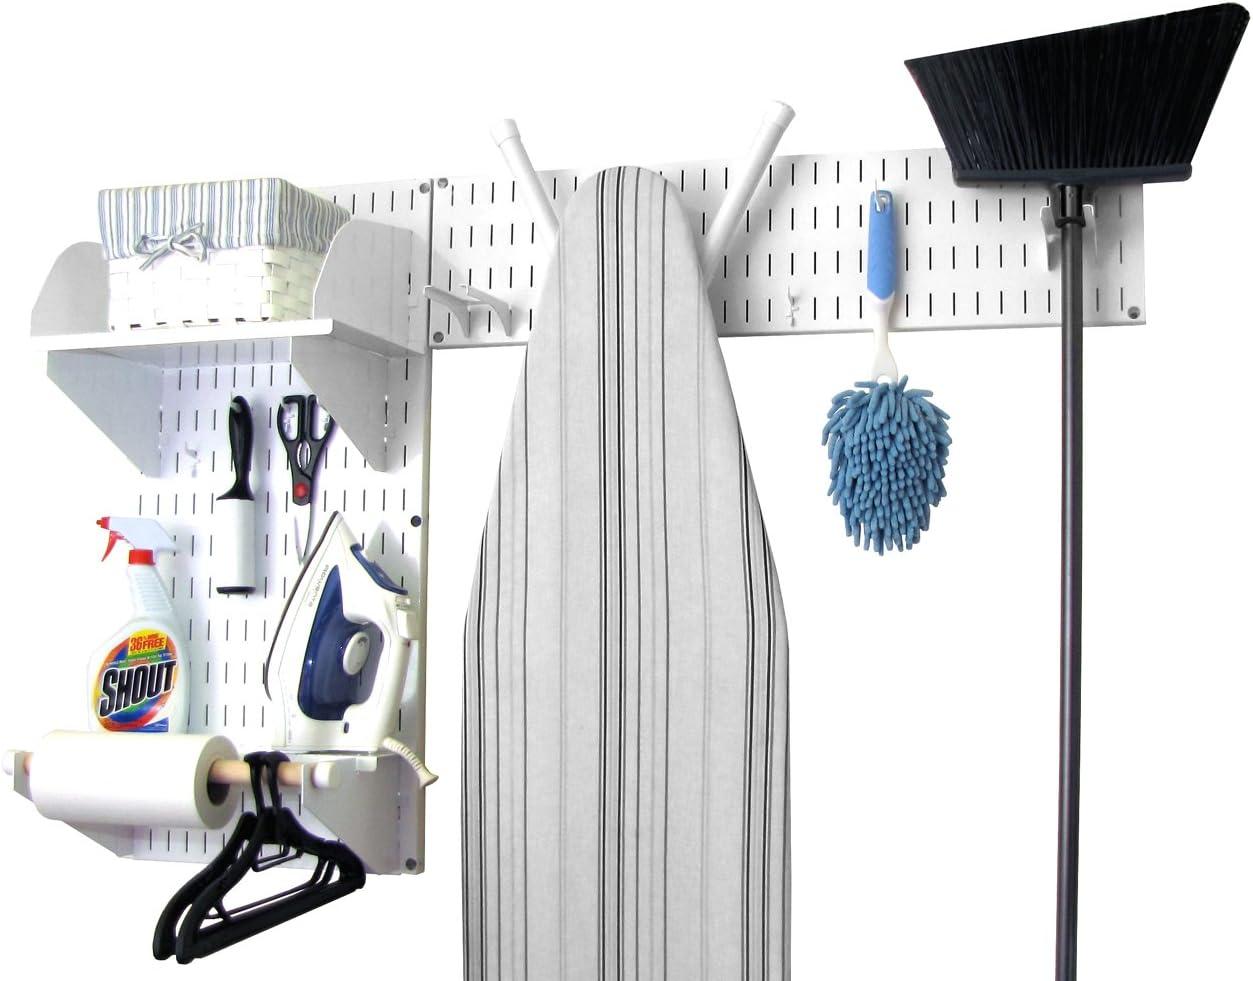 Wall Control 10-LAU-200WW Standard Laundry Room Organizer